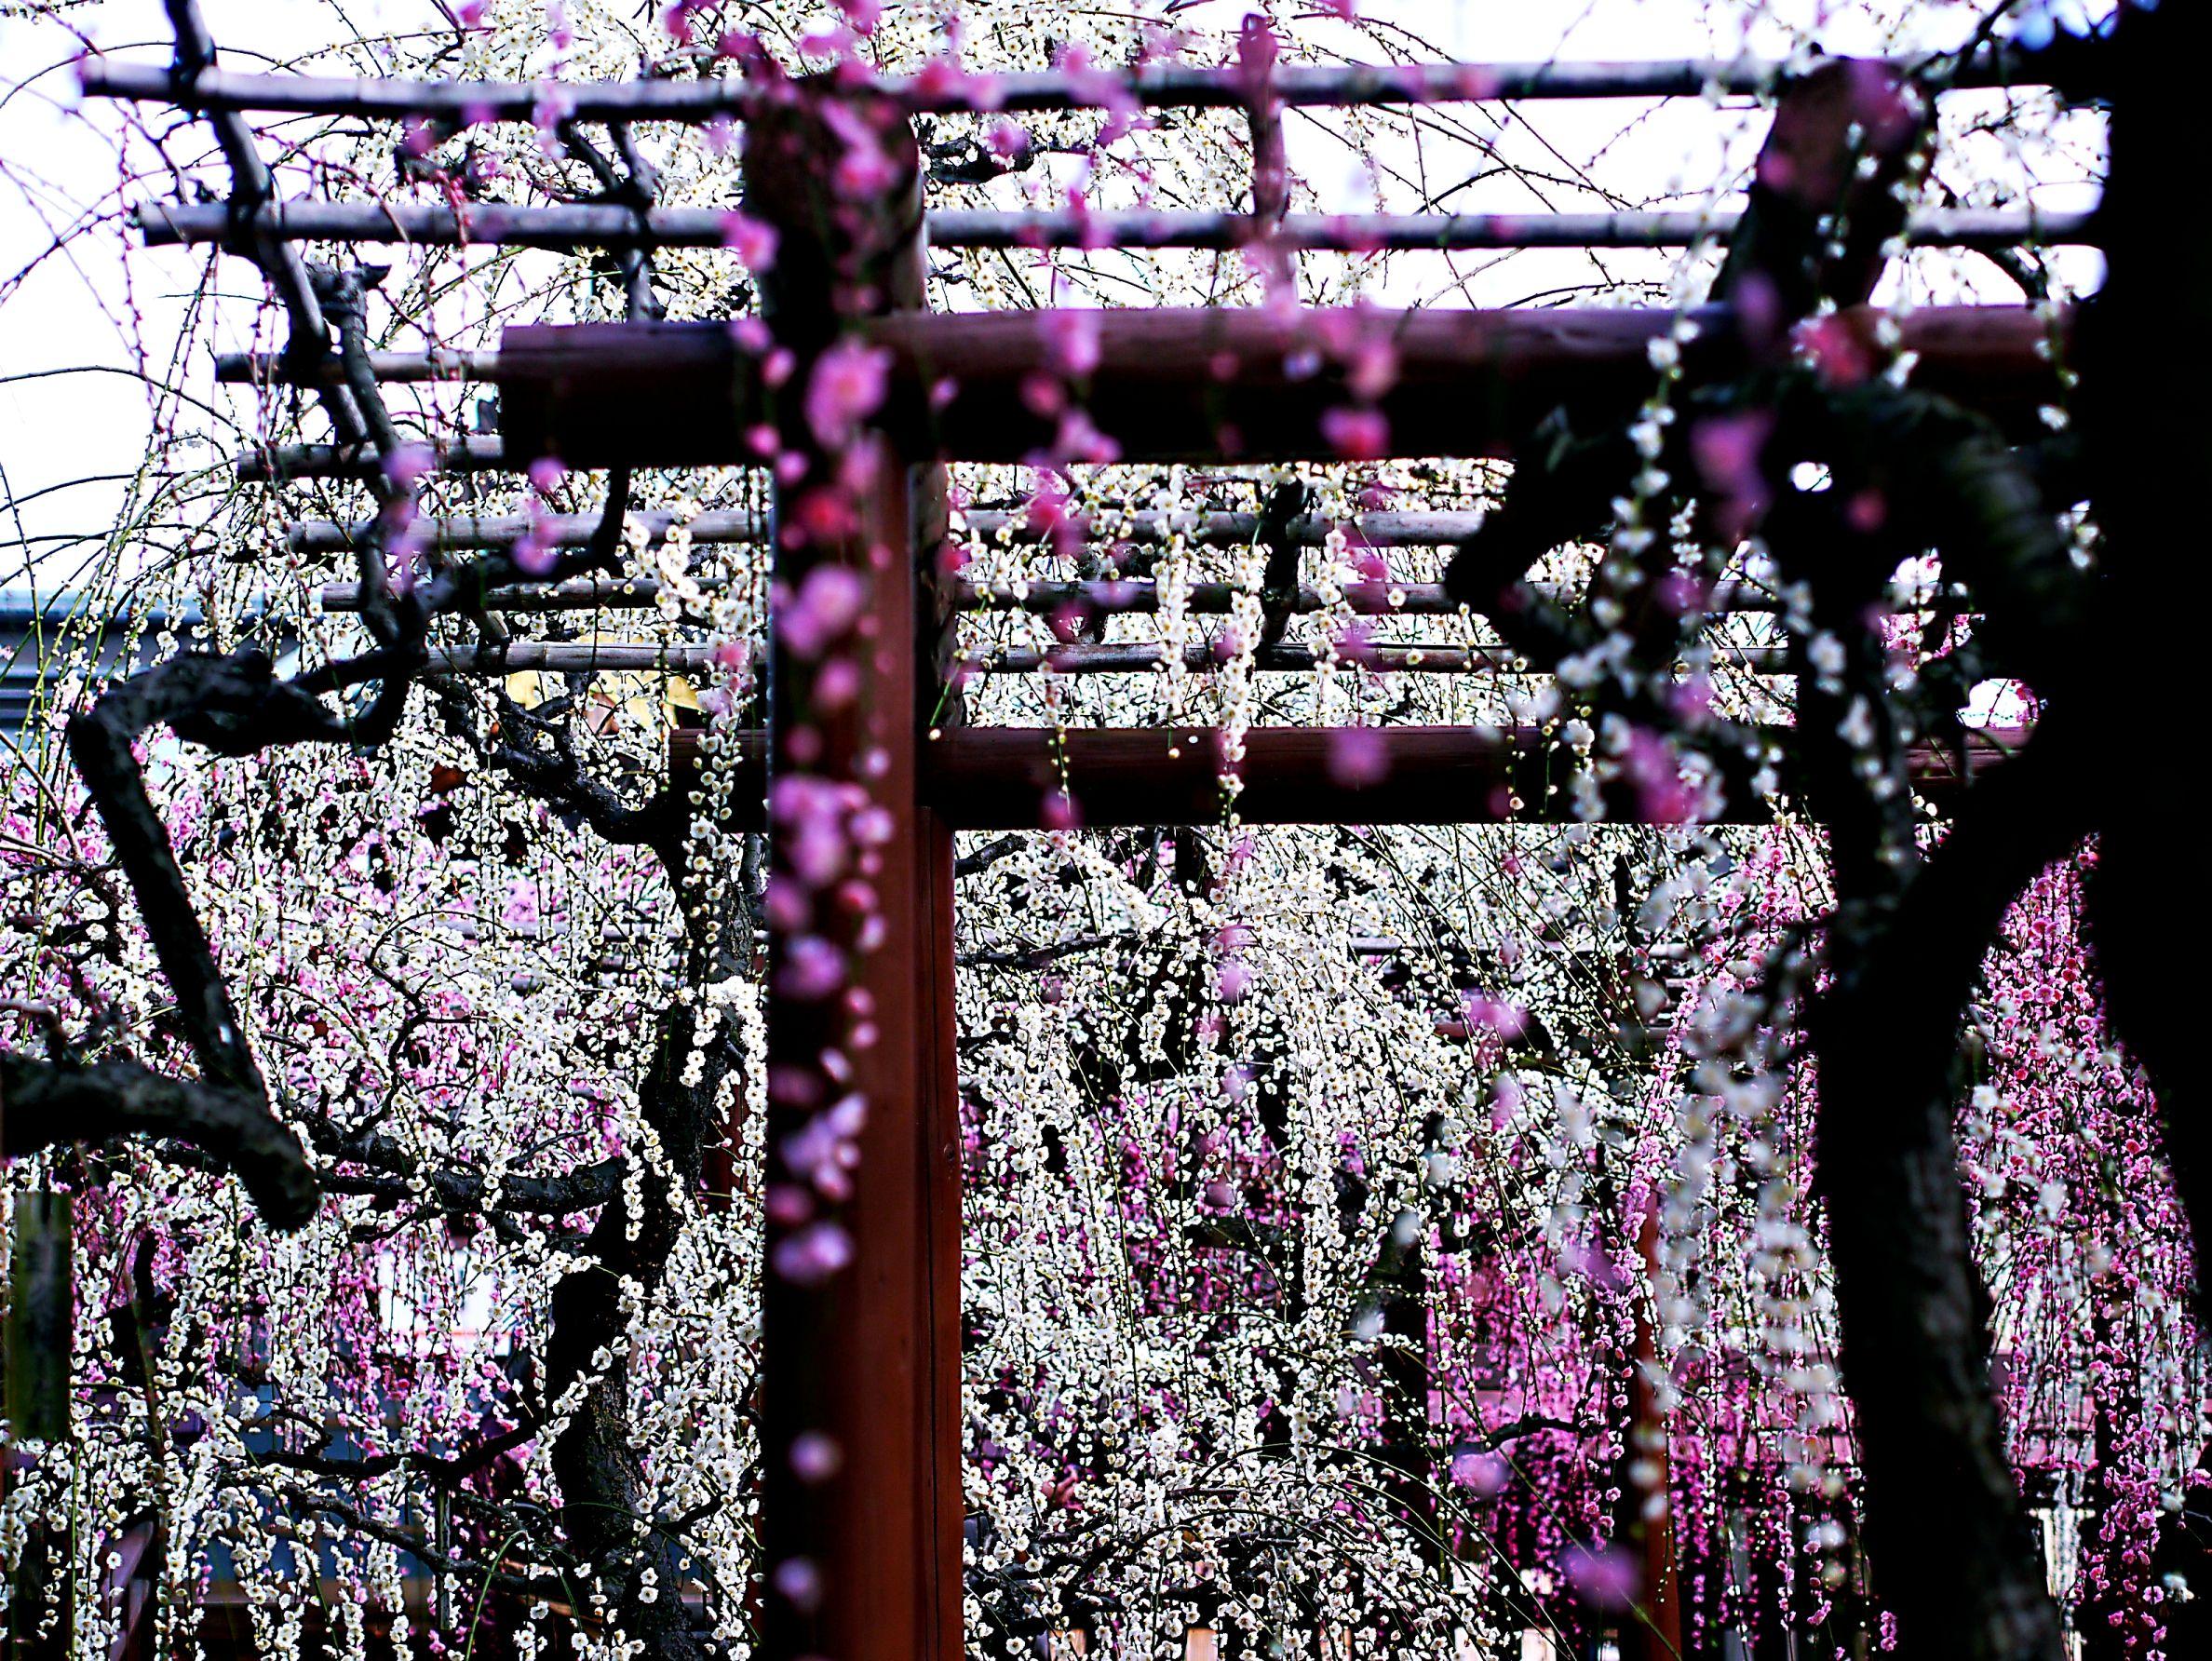 想いの数はもっともっと。  #japan  #mie  #aozoranoiro  #yuukijinja  #shidareume  #GX  #45mm